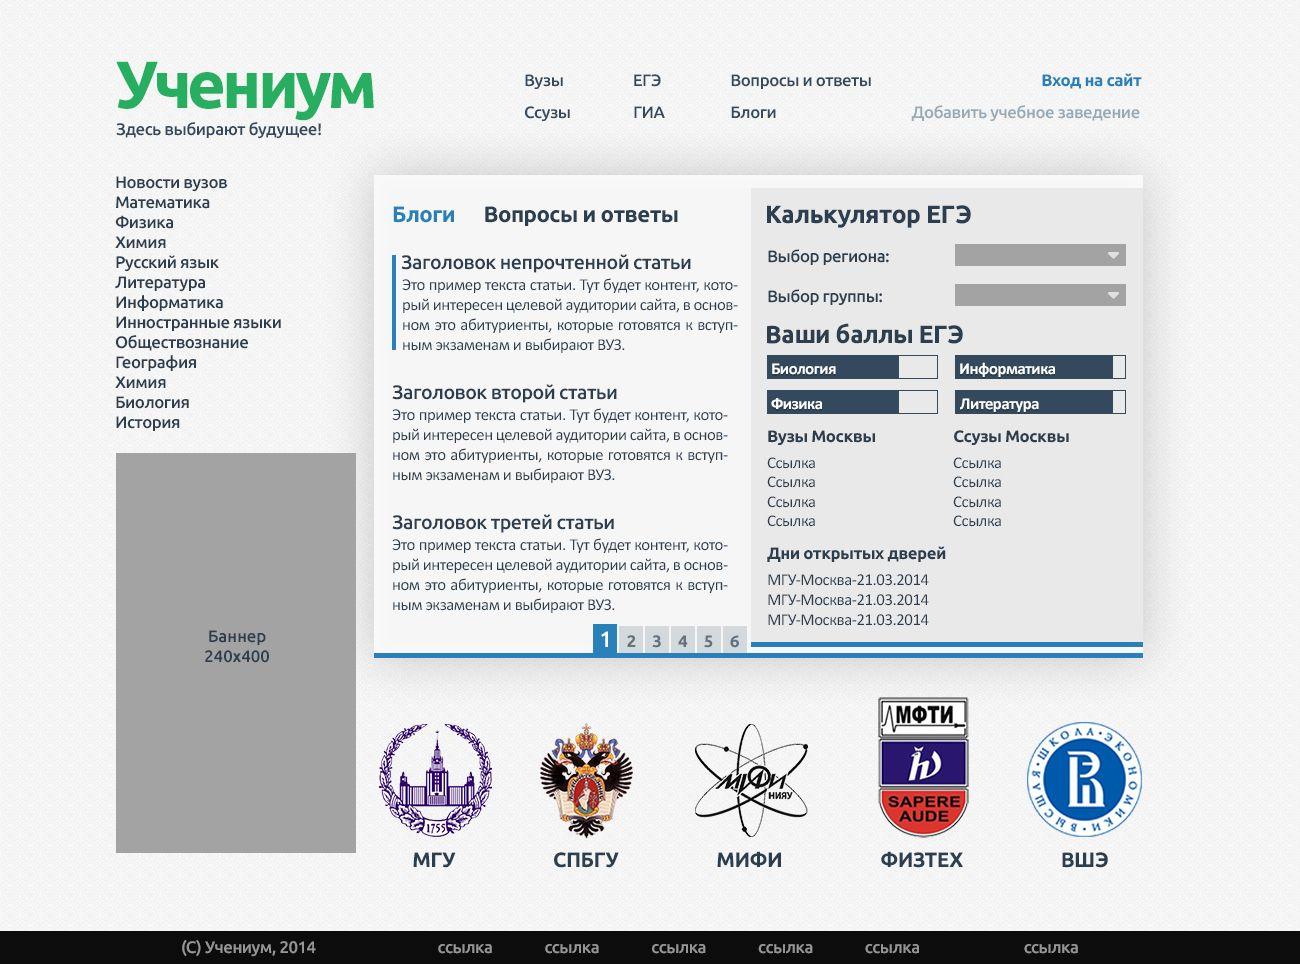 Дизайн для информационного сайта - дизайнер RomannamoR